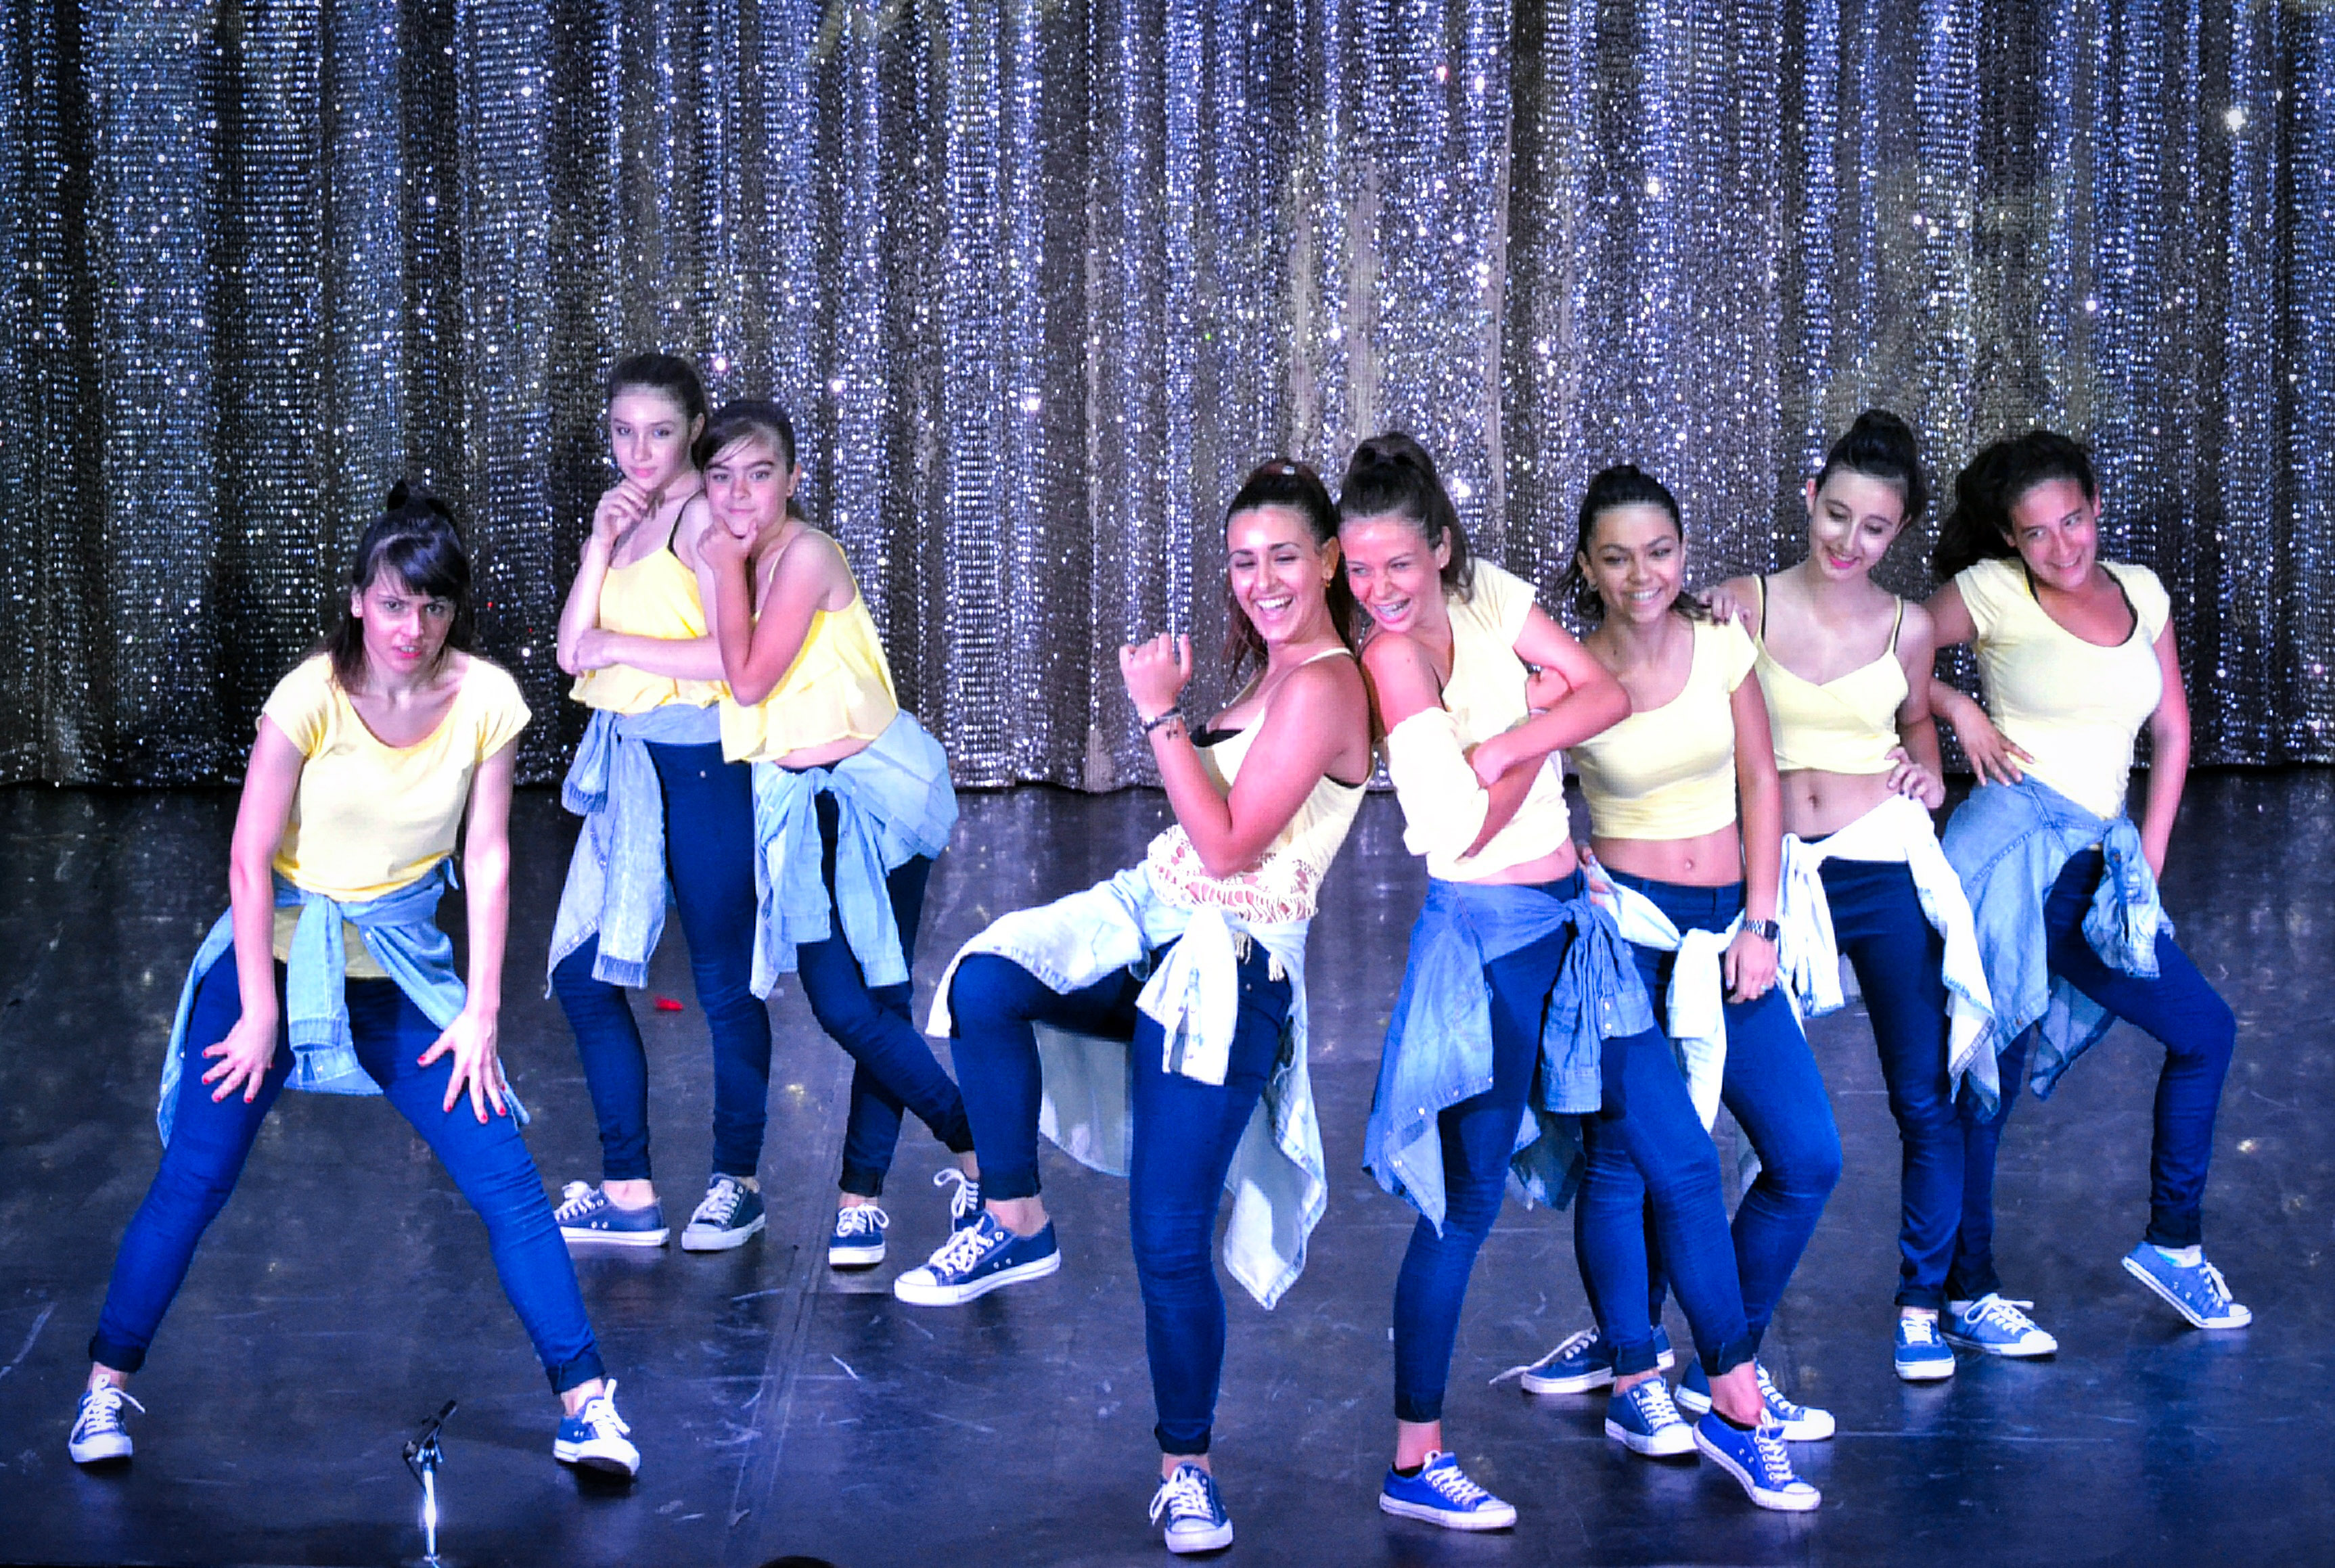 Linea-de-Baile-festival-verano-2015-clases-de-baile-valencia-156